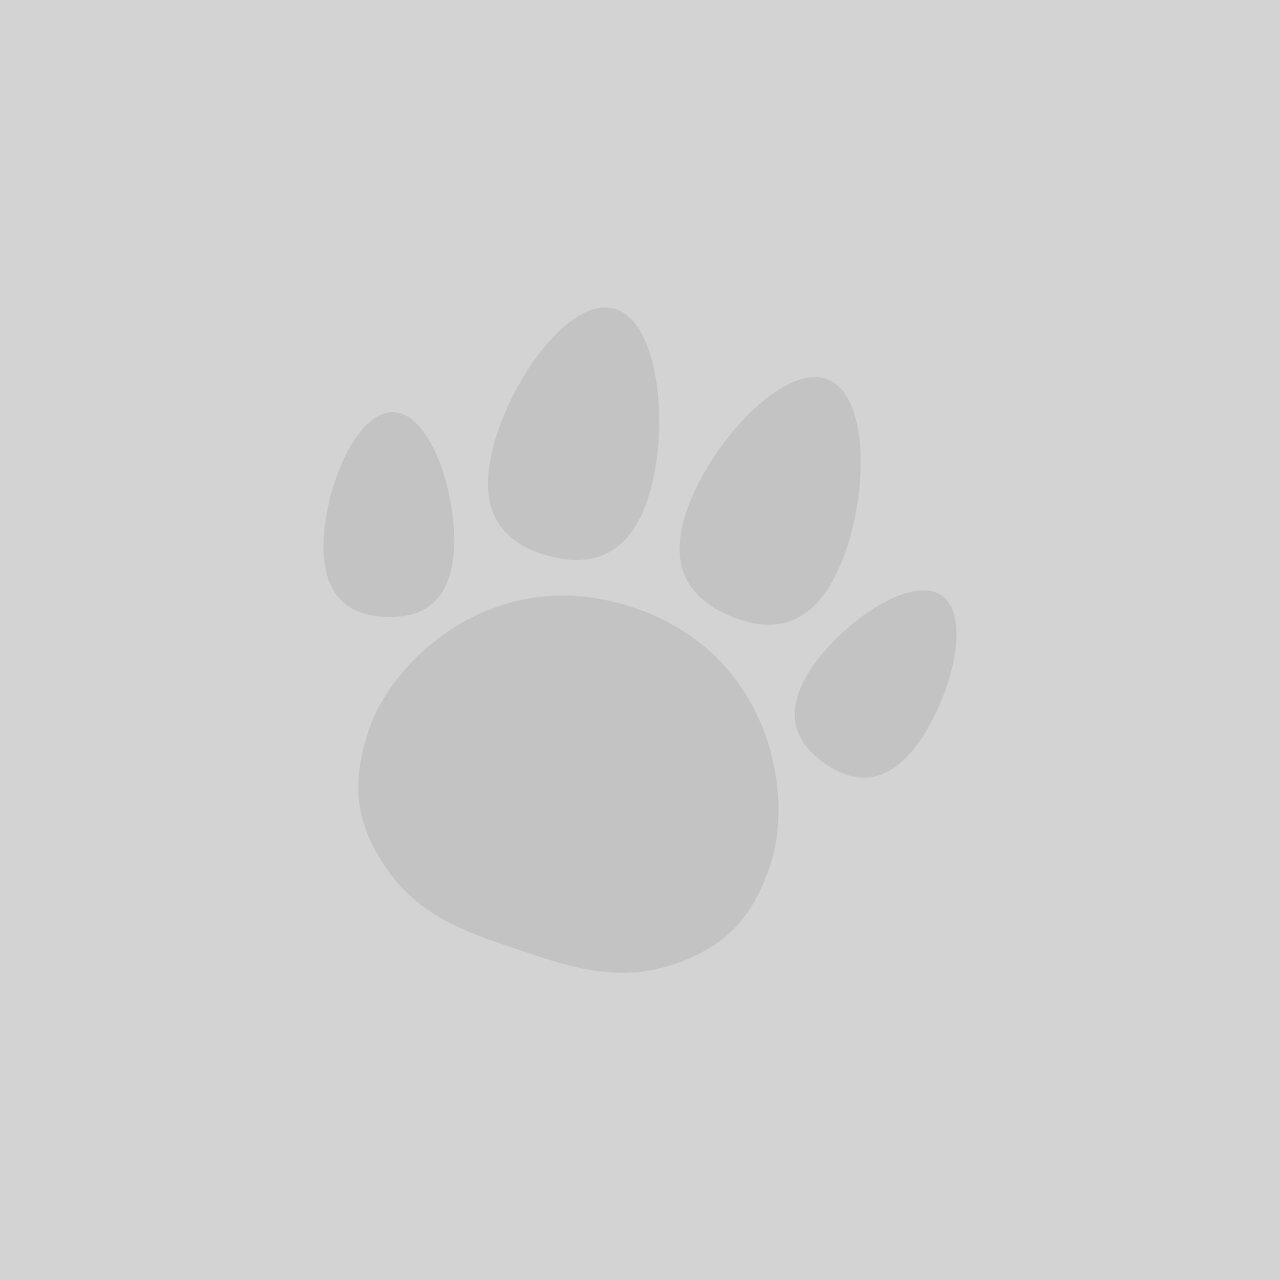 Pedigree Dentastix Fresh for Small Dogs 28 pack